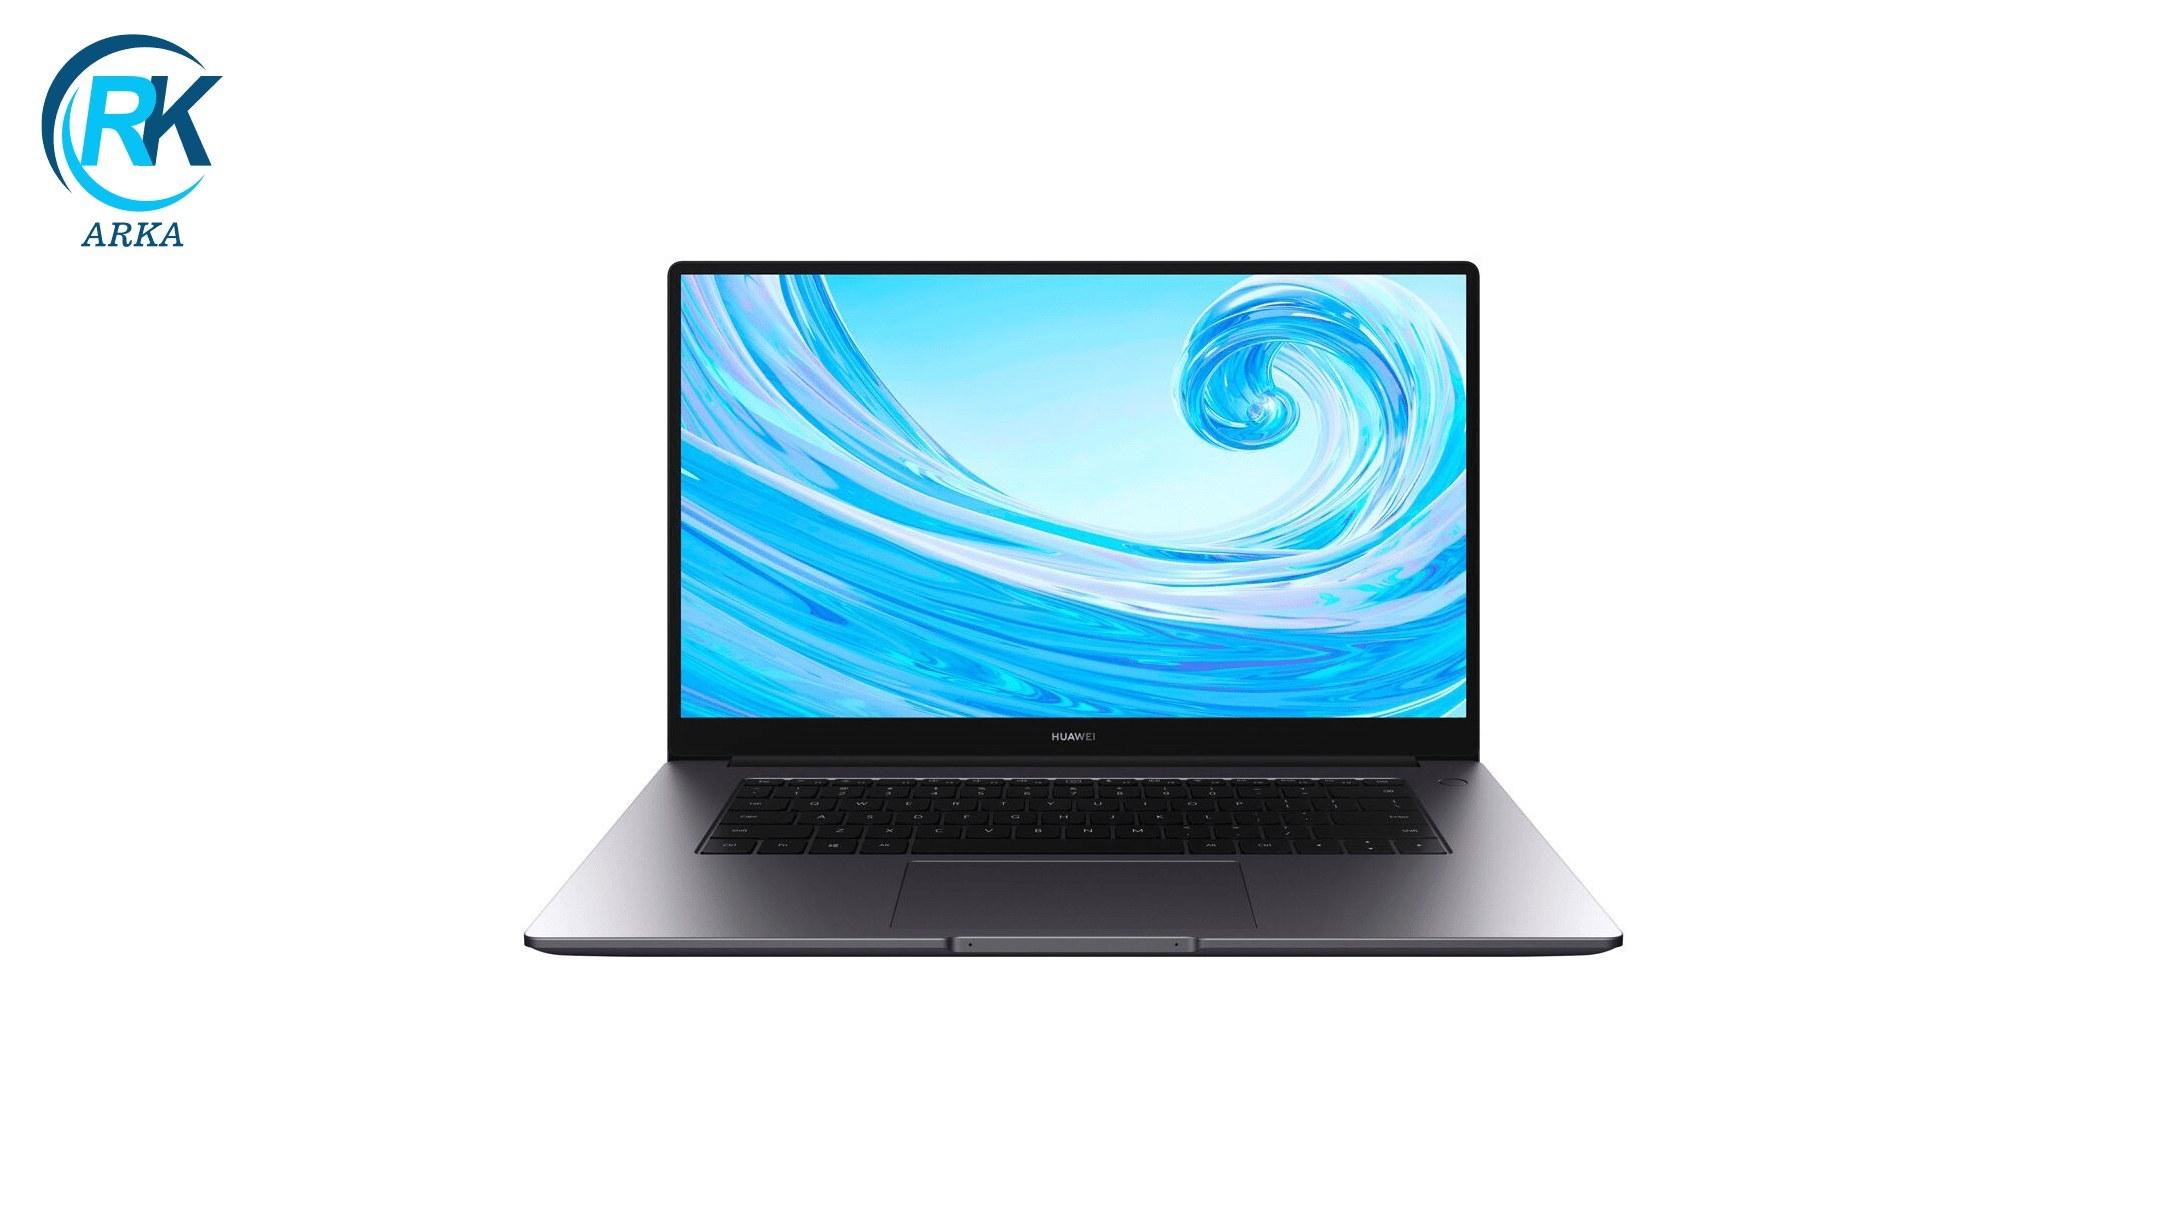 تصویر هواوی-میت بوک-Huawei MateBook D 15 Corei5 10210U 8G 1+256S 2G NoteBook Huawei MateBook D 15 Corei5 10210U 8G 1+256S 2G NoteBook